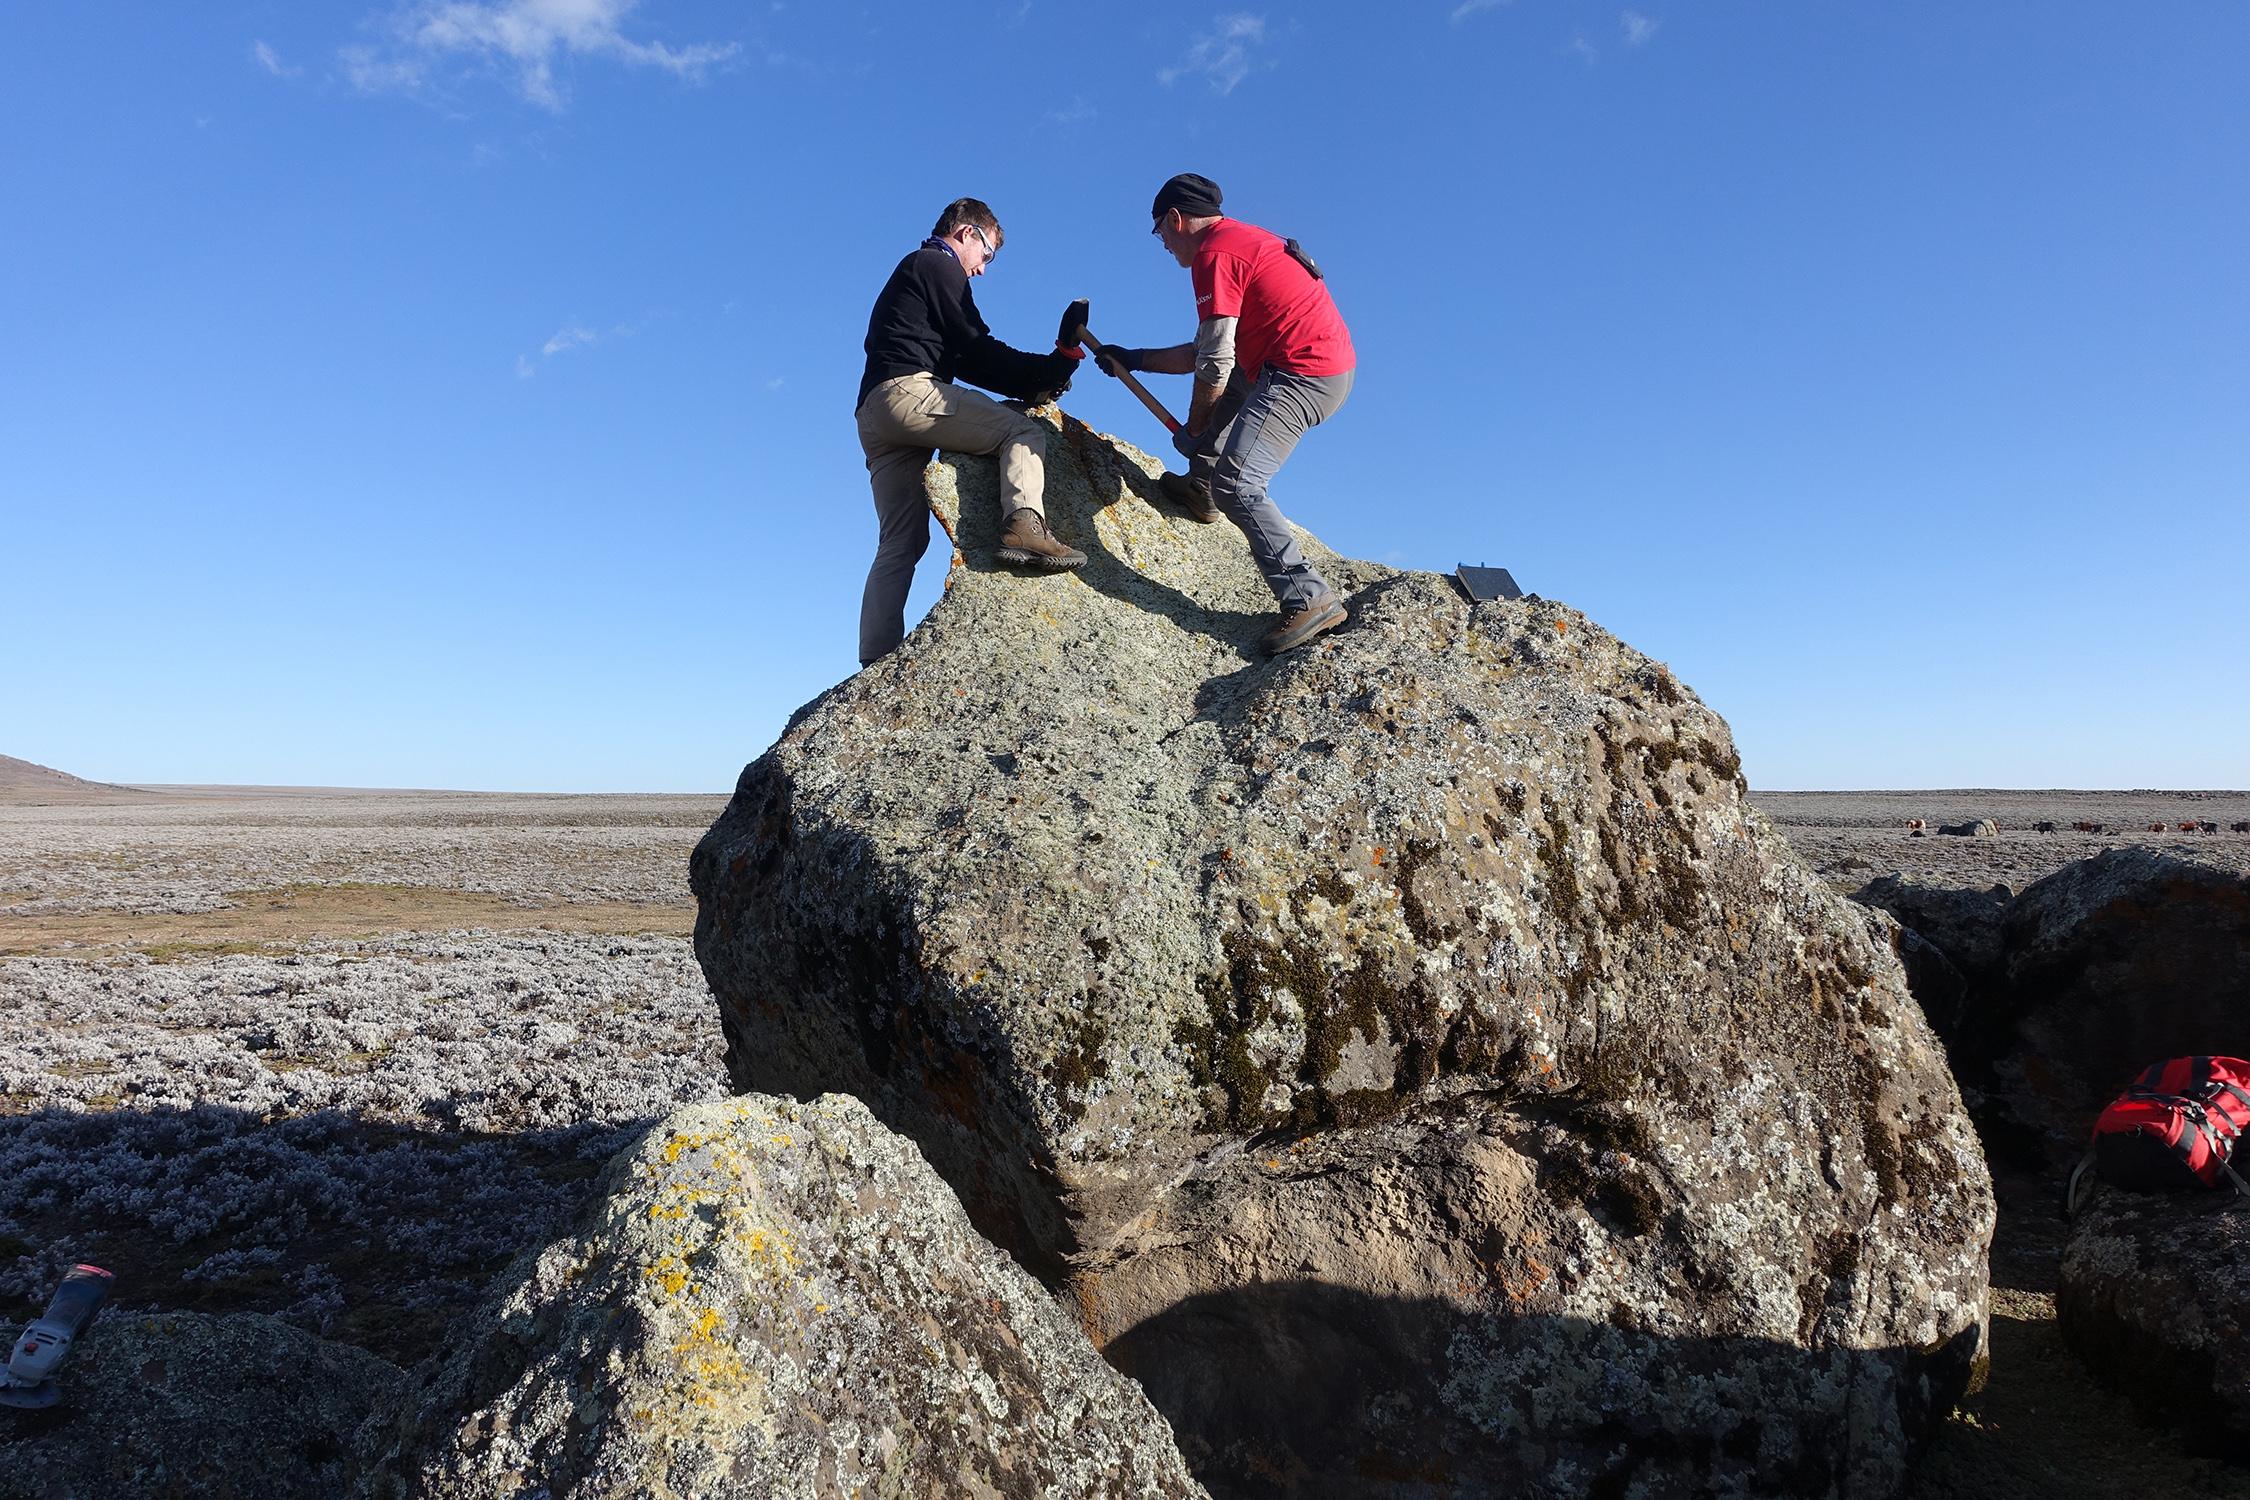 Probennahme eines Erratischen Blocks, der von einem Gletscher auf dem Sanetti Plateau abgelagert wurde. Die Probe wurde anschliessend im Labor analysiert und datiert, um den Zeitpunkt des Gletschervorstosses zu rekonstruieren. Bild: Heinz Veit